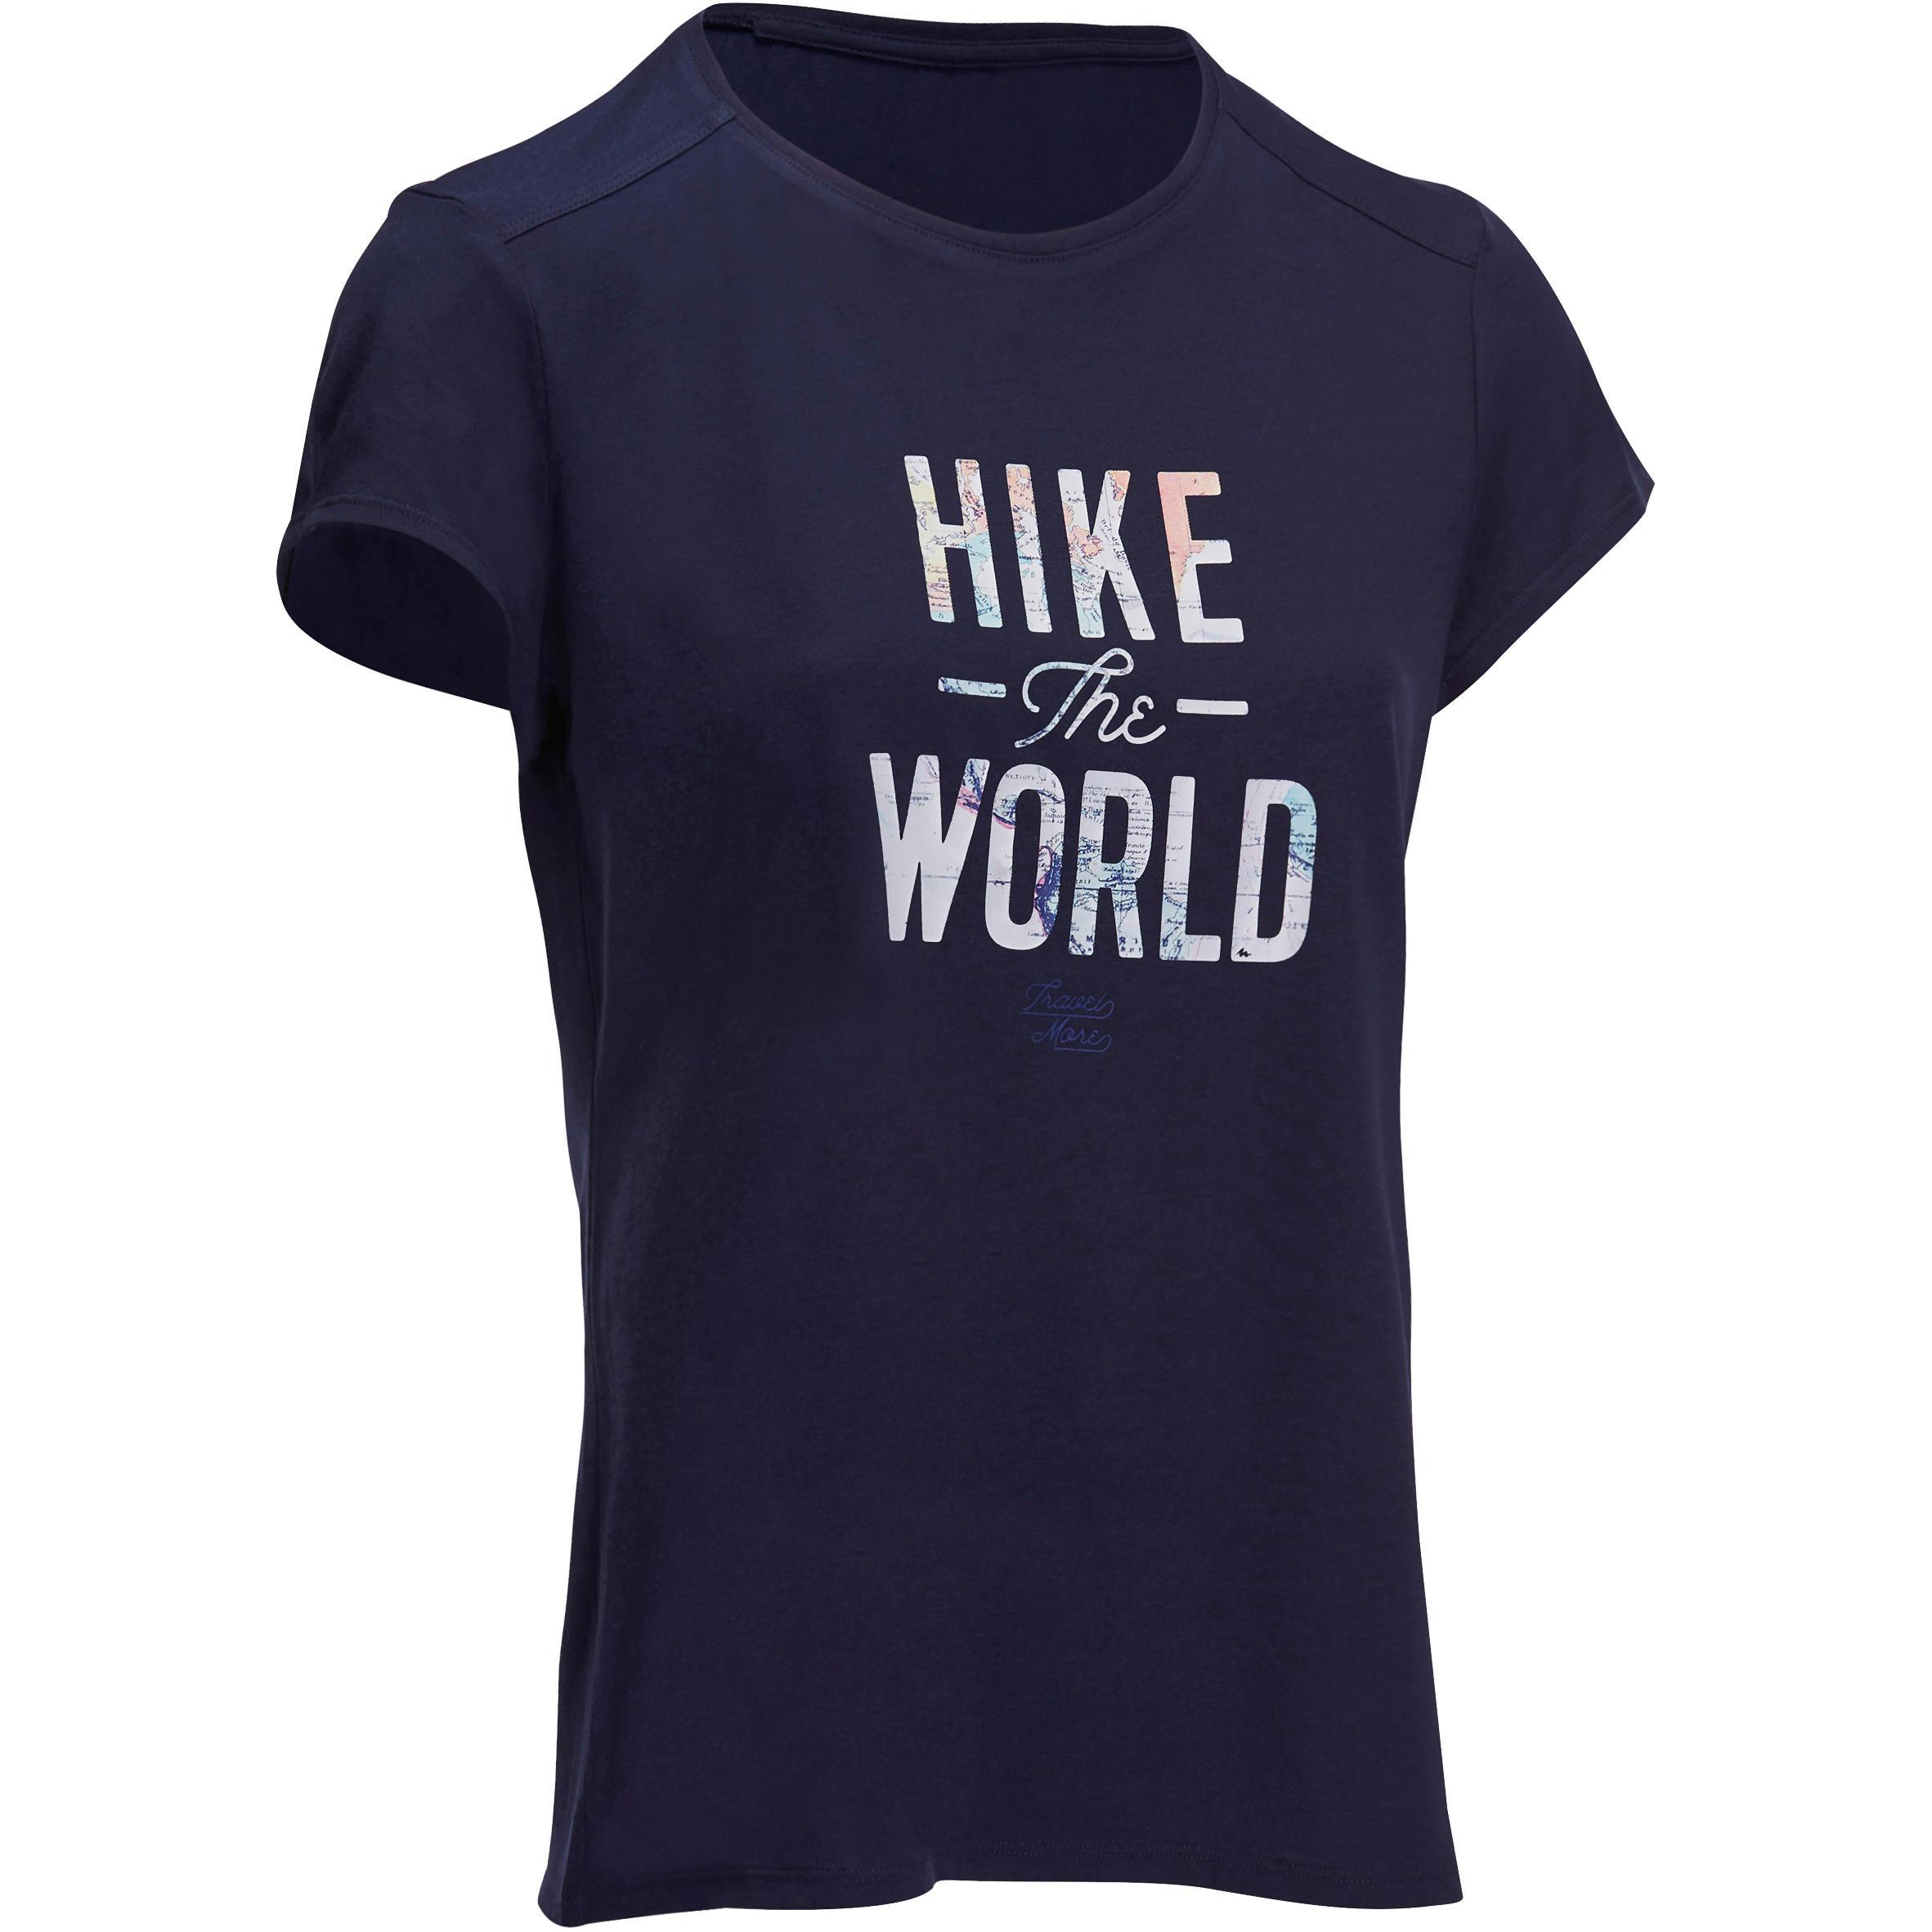 Women's Hiking...